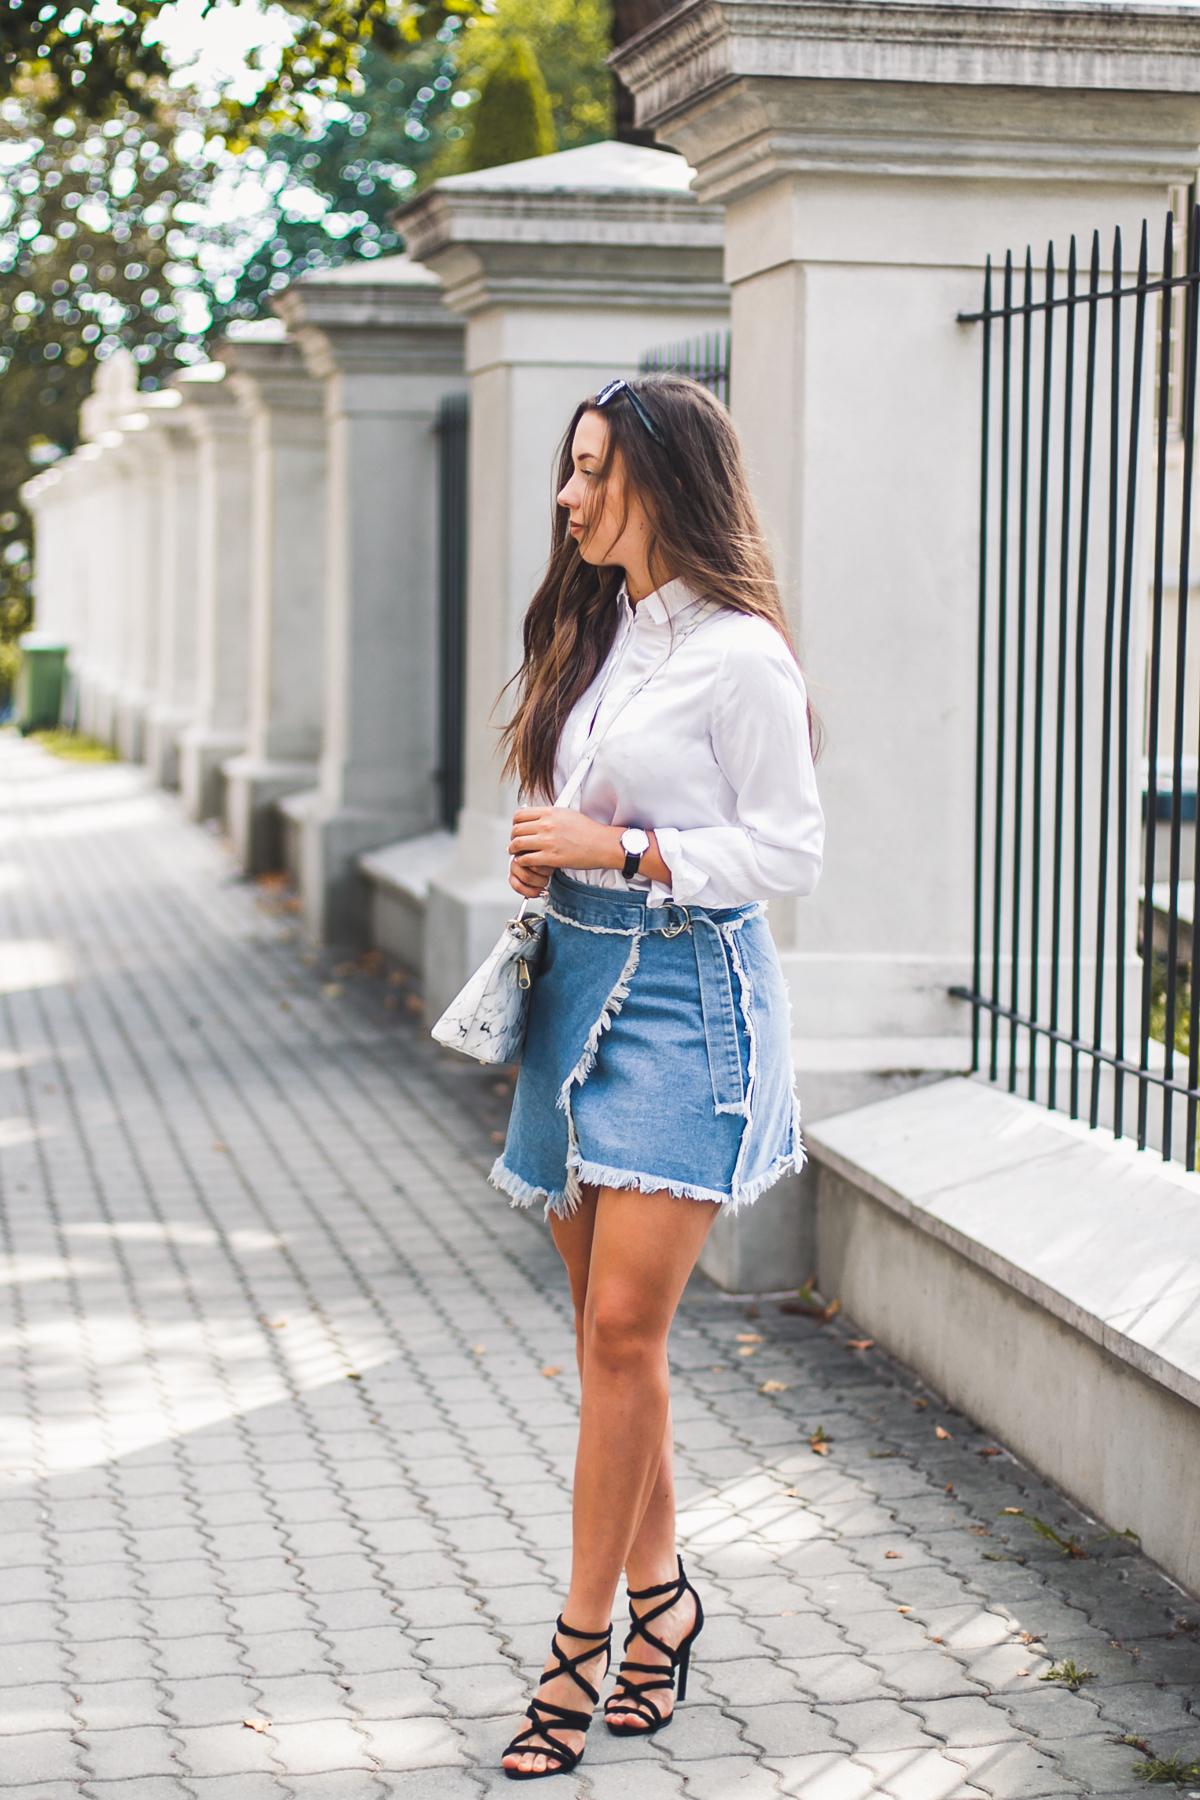 Biała jedwabna koszula w stylizacji z jeansową spódnicą